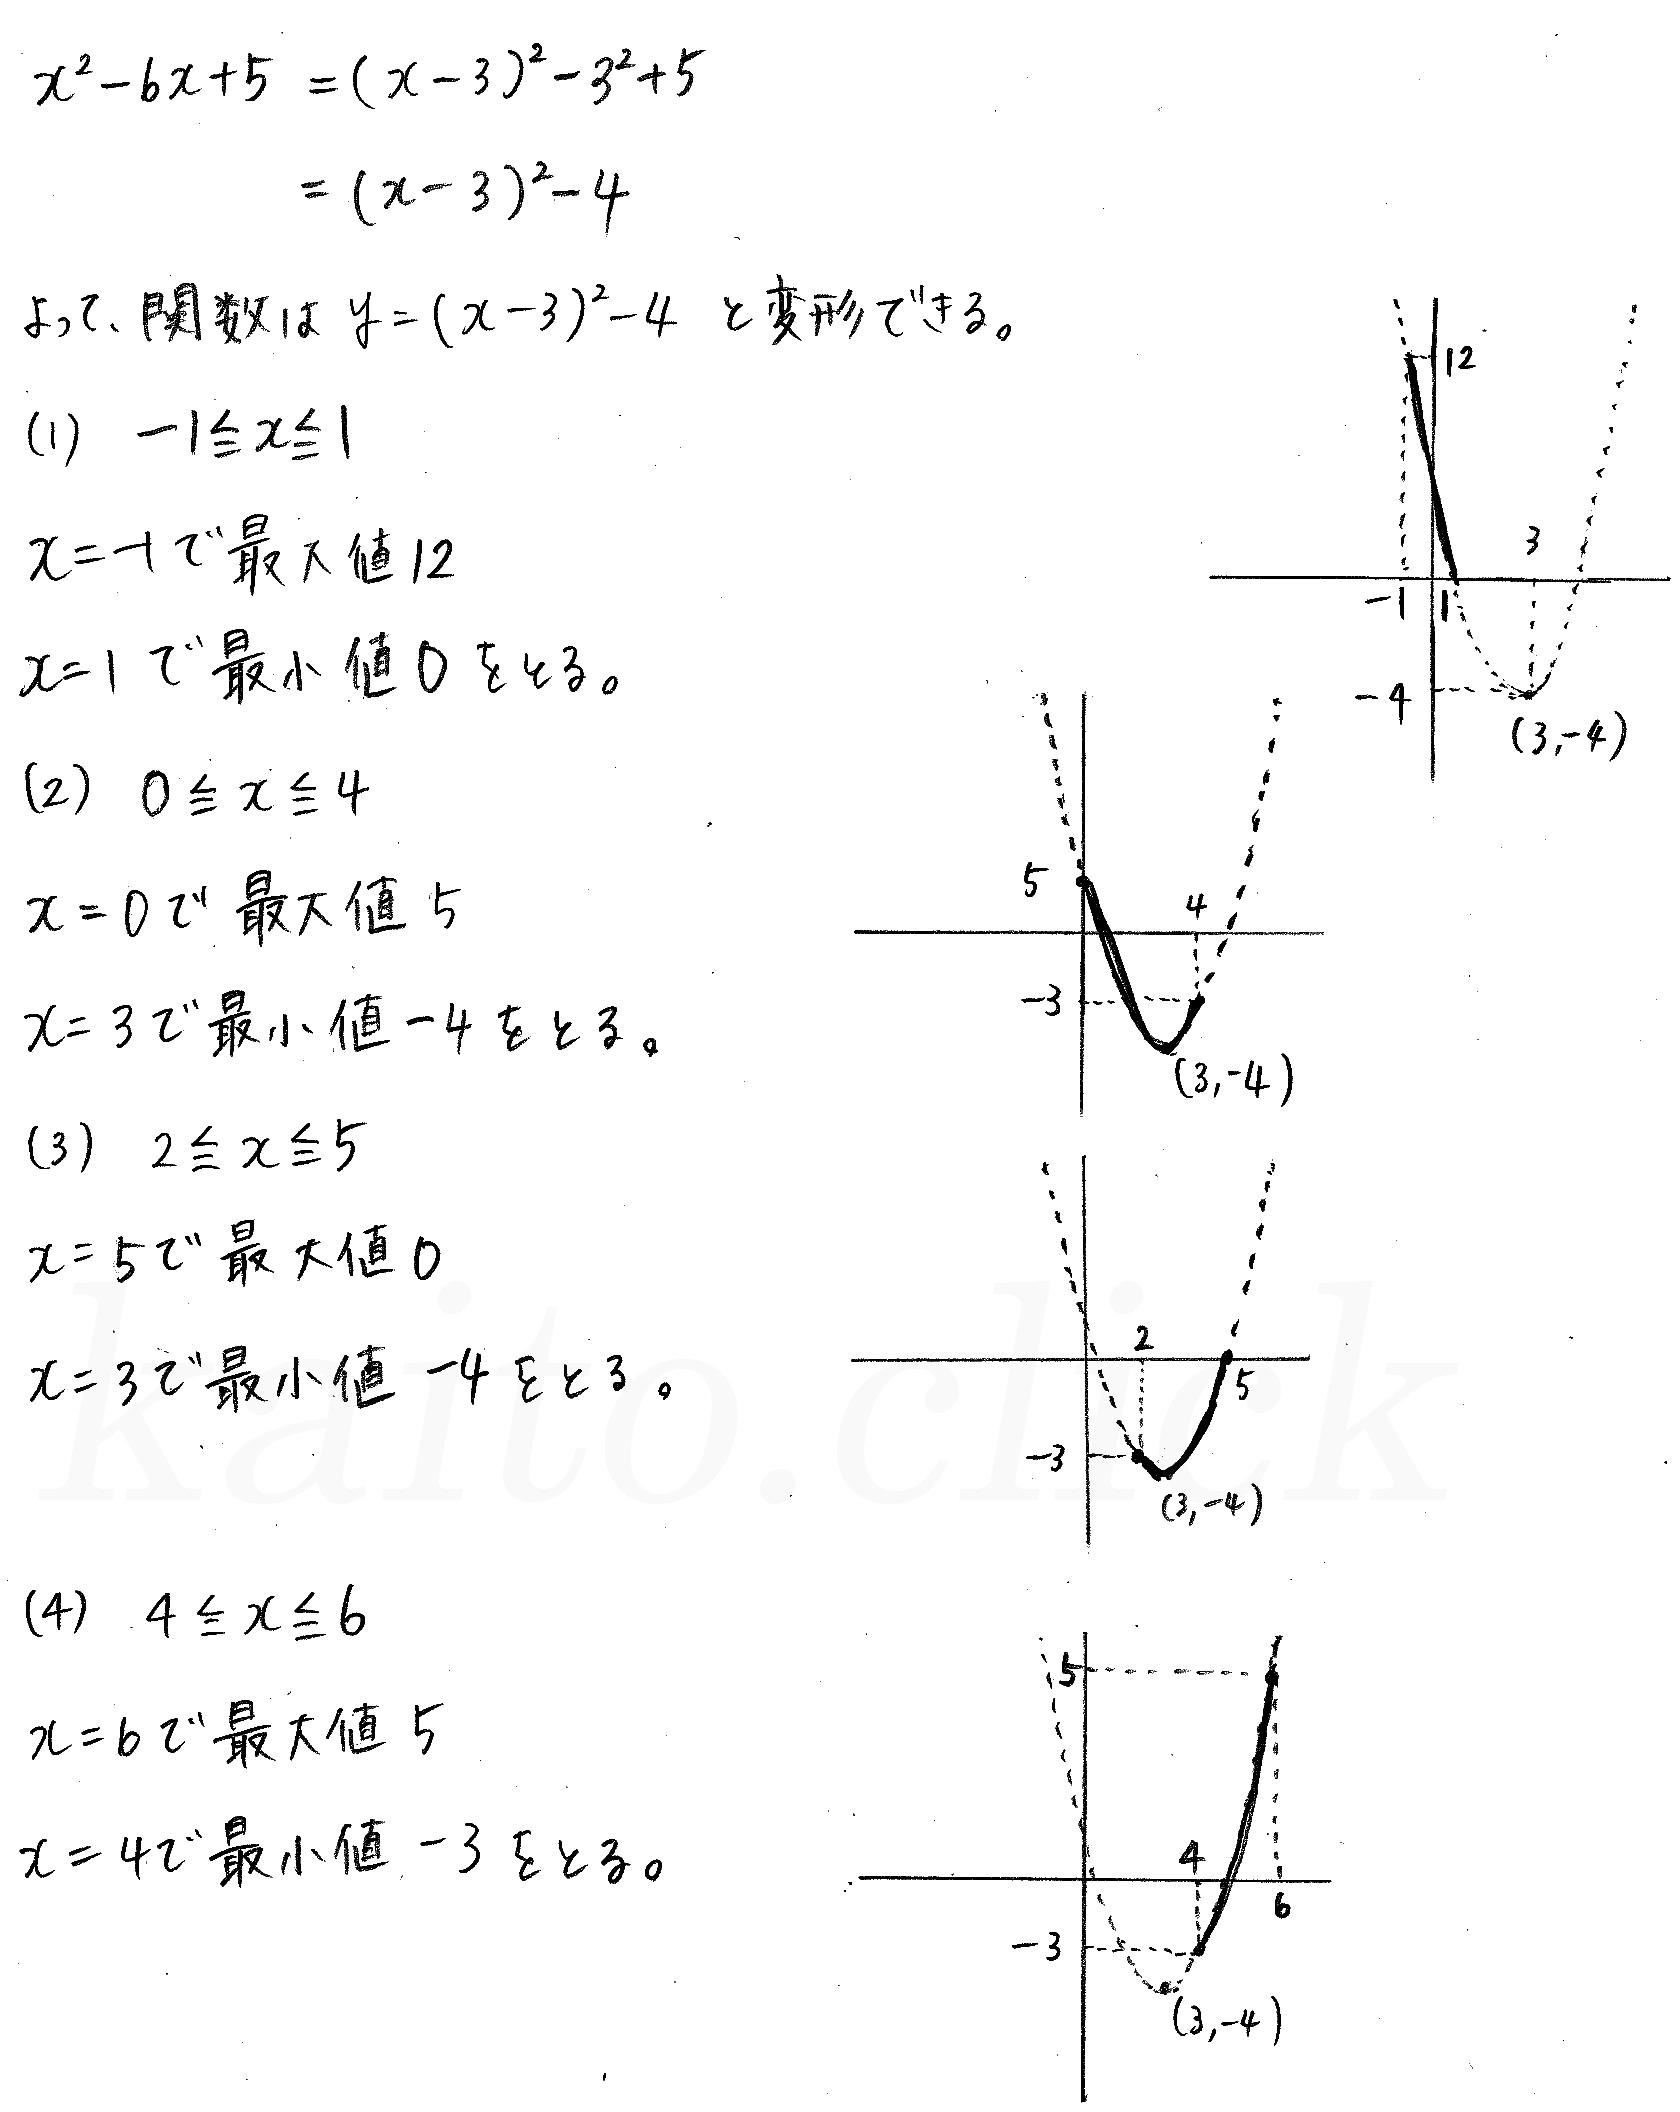 クリアー数学1-169解答